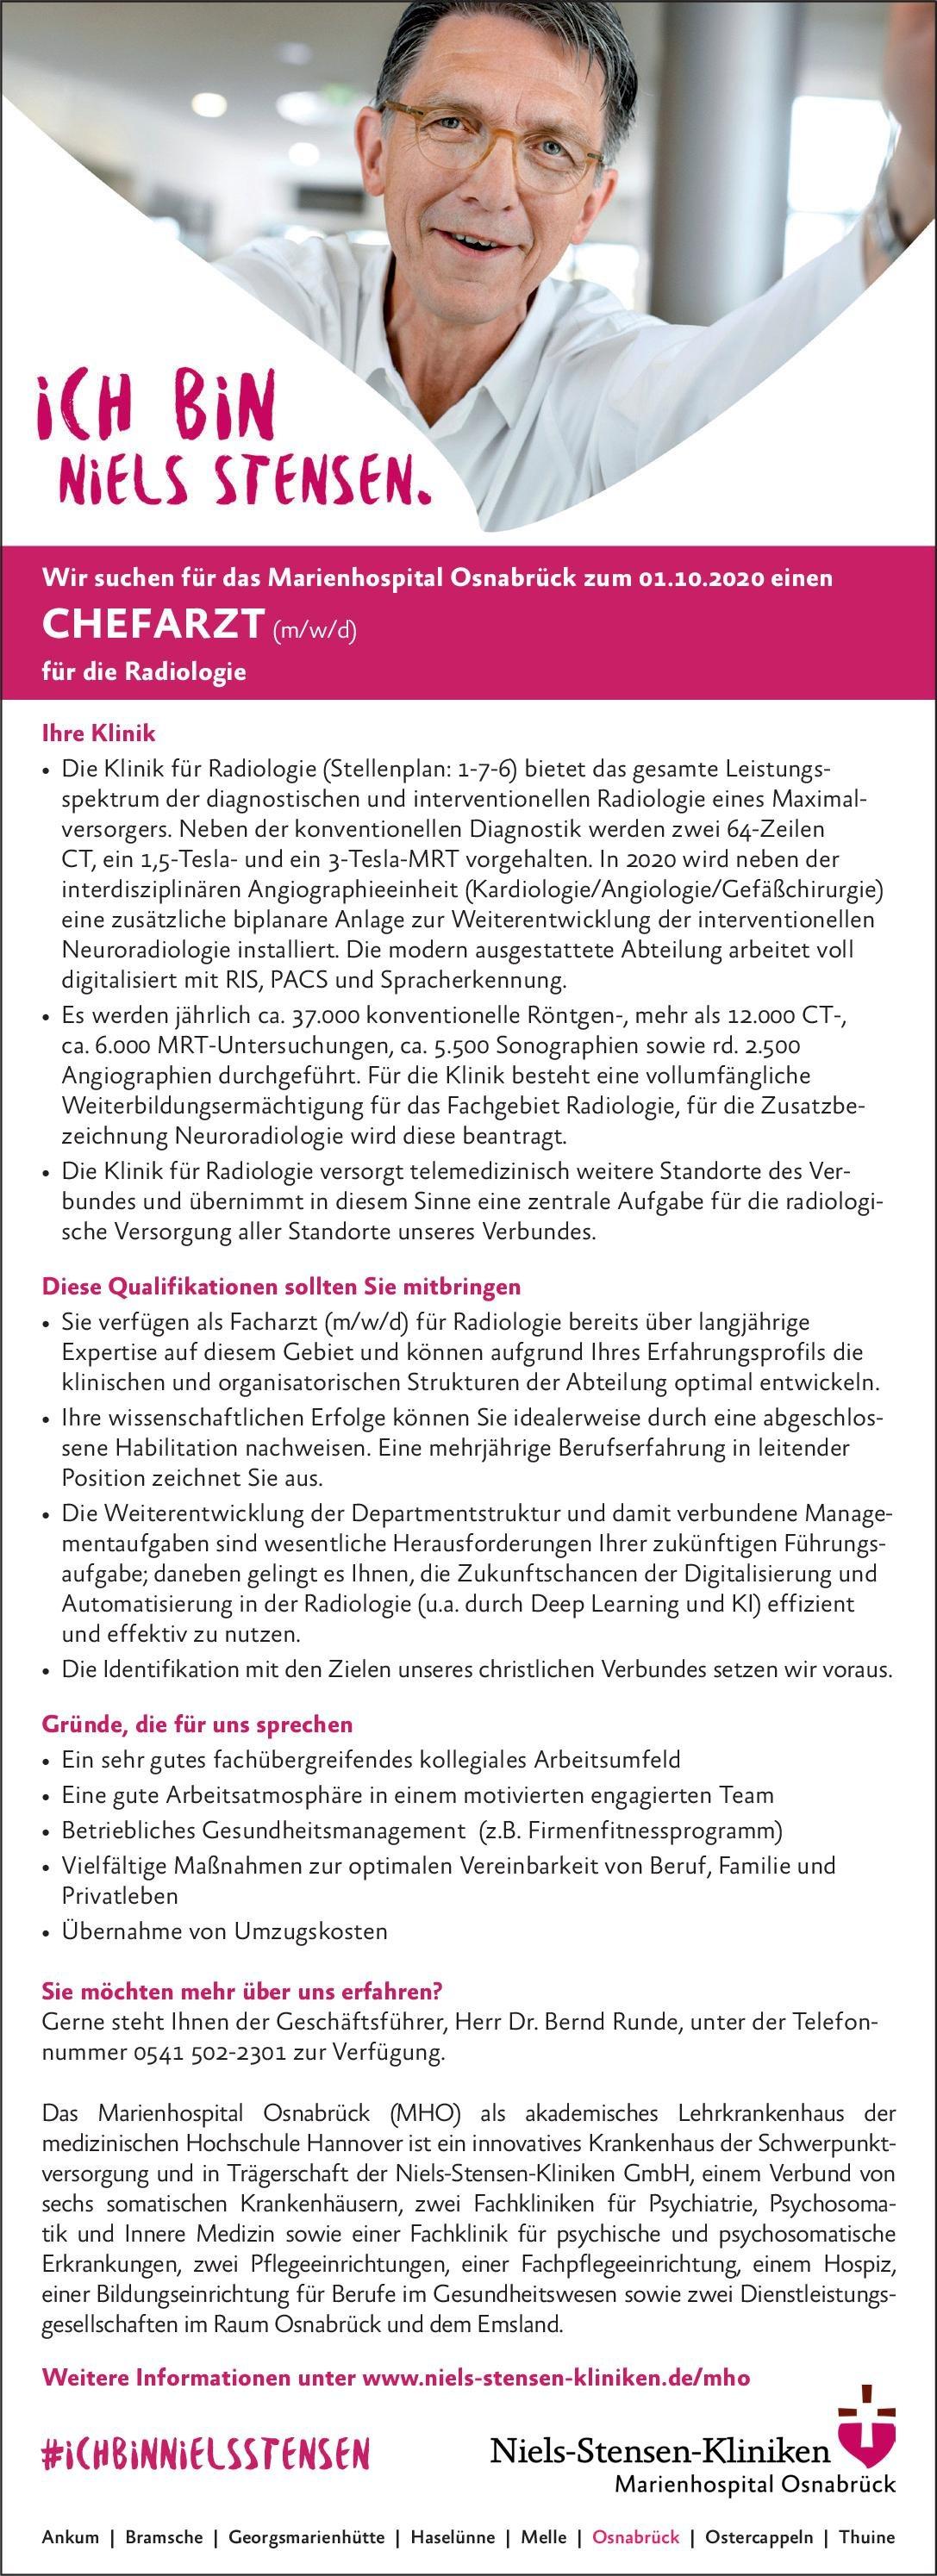 Marienhospital Osnabrück Chefarzt (m/w/d) Radiologie  Radiologie, Radiologie Chefarzt